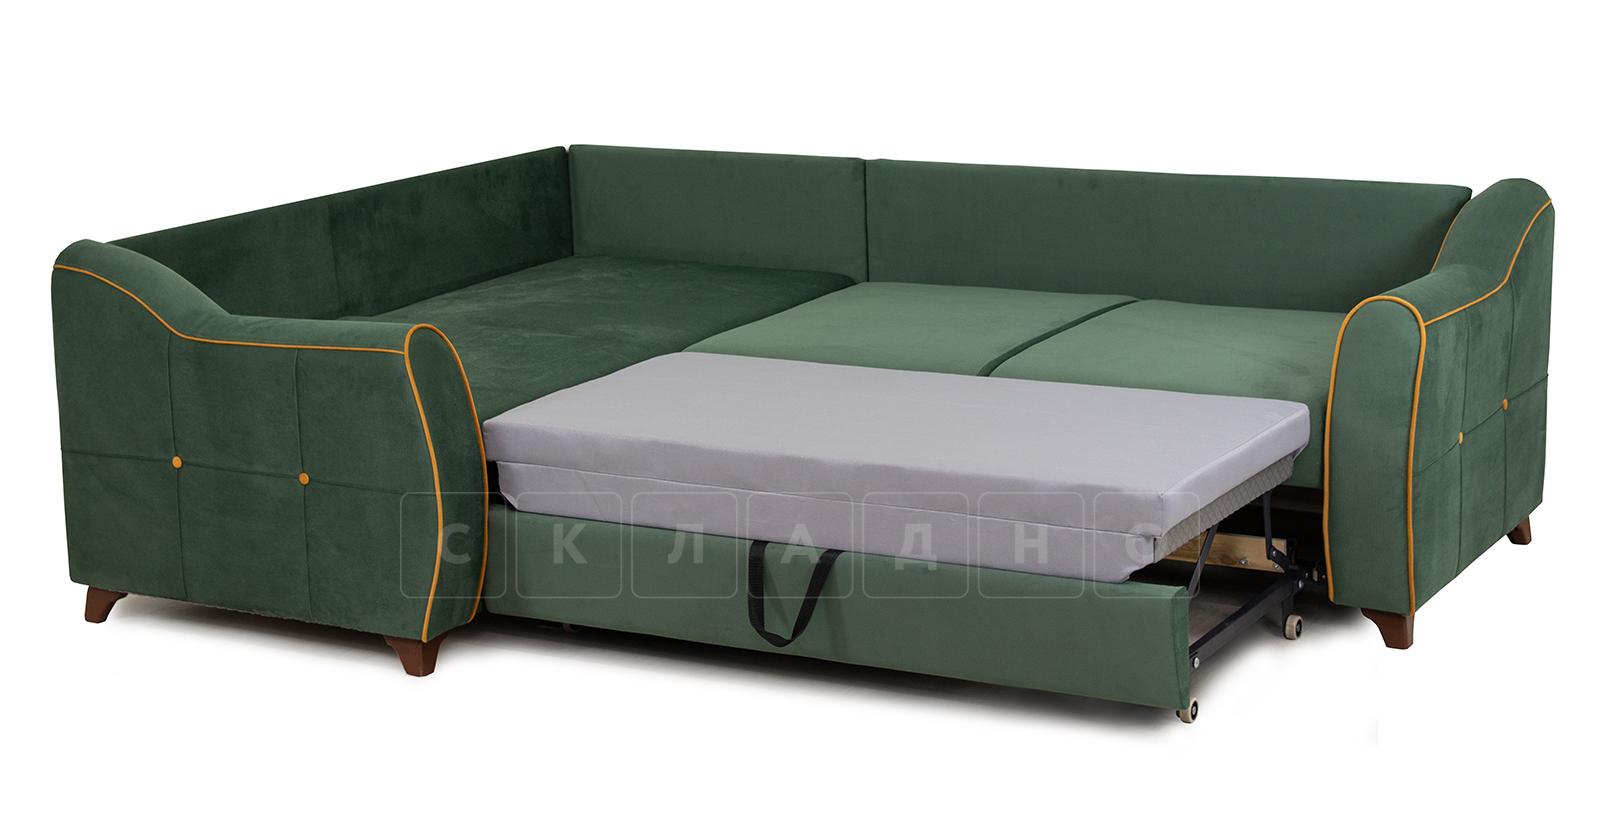 Диван-кровать угловой Флэтфорд нефритовый зеленый фото 5 | интернет-магазин Складно